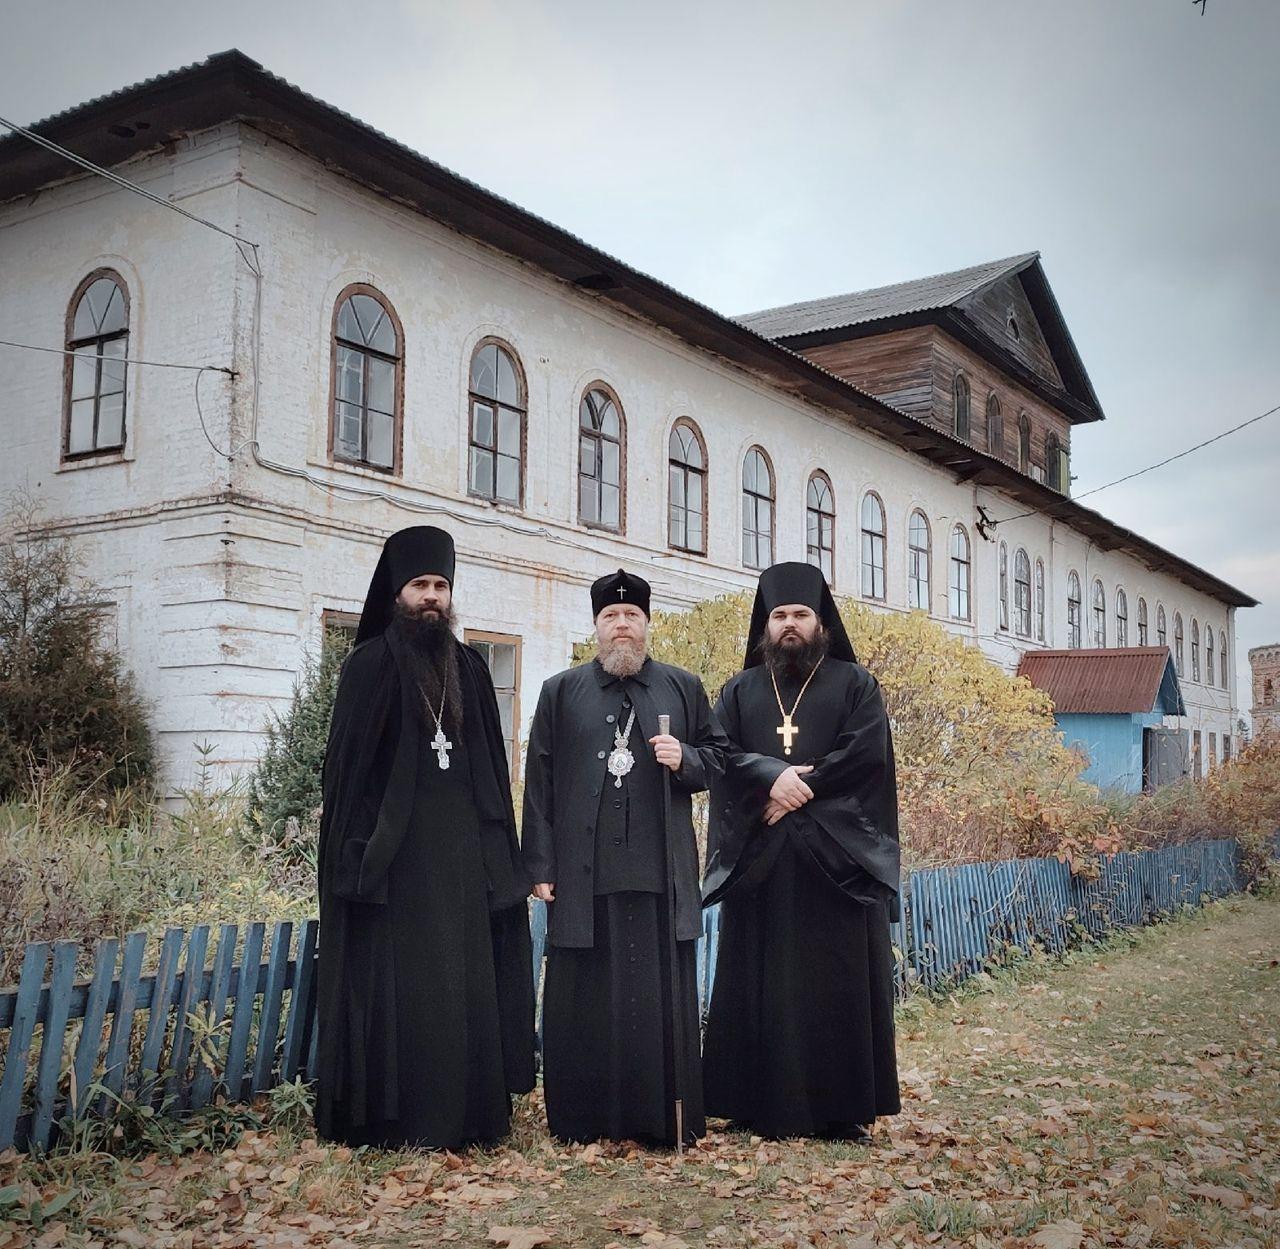 Митрополит Савва посетил Заоникиеву пустынь под Вологдой